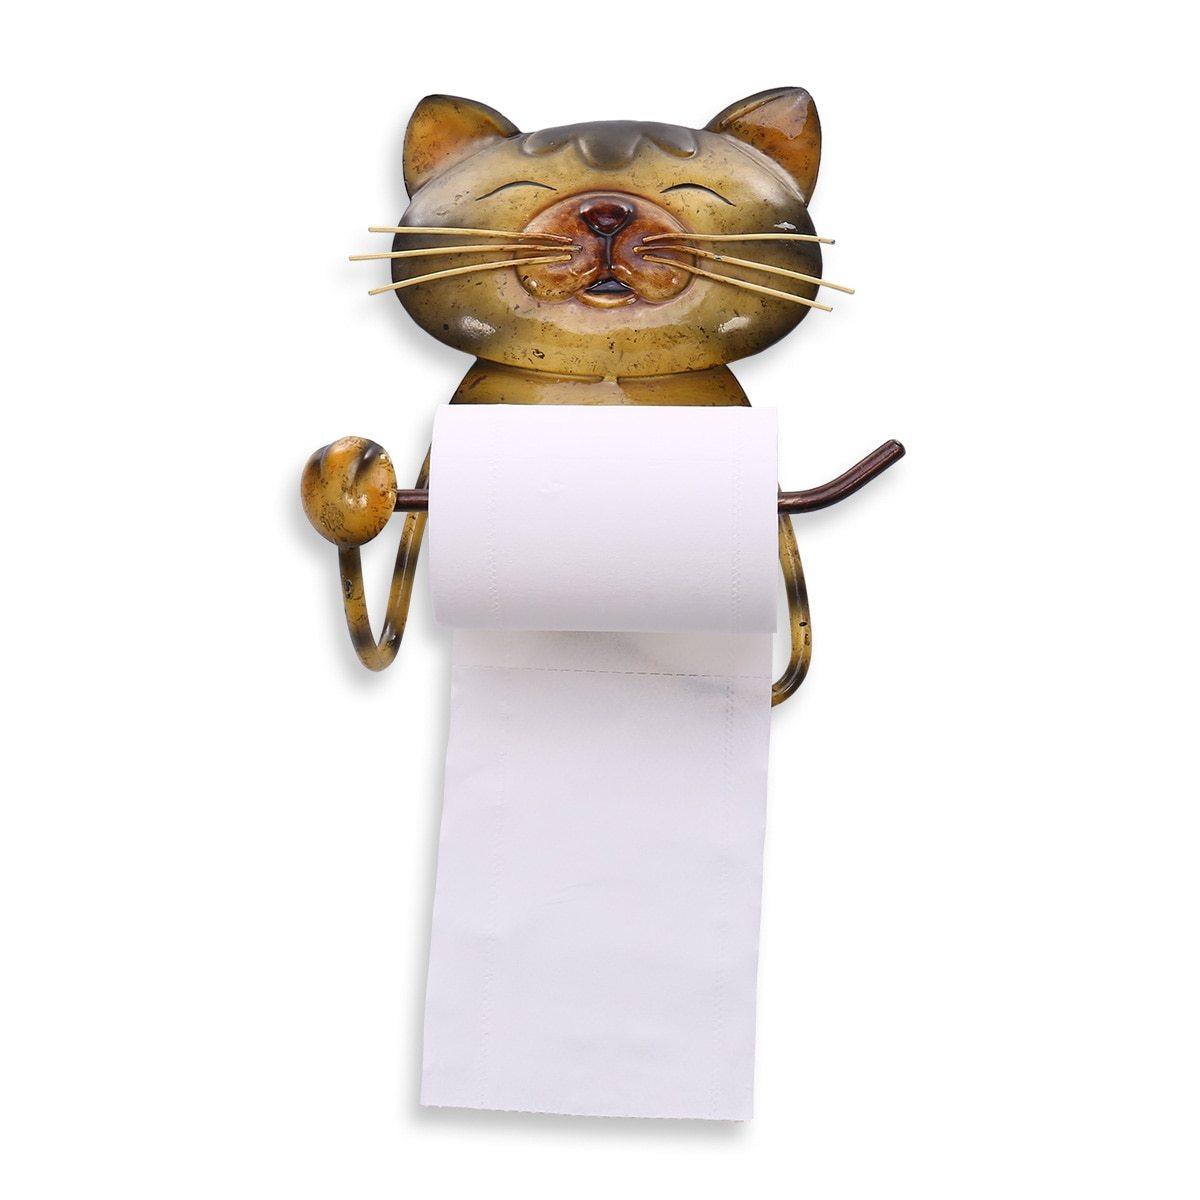 Katze Papier Handtuch Halter Vintage Gusseisen Hund Wc Papier Halter Stehen Handtuch Halter Stehen Für Bad